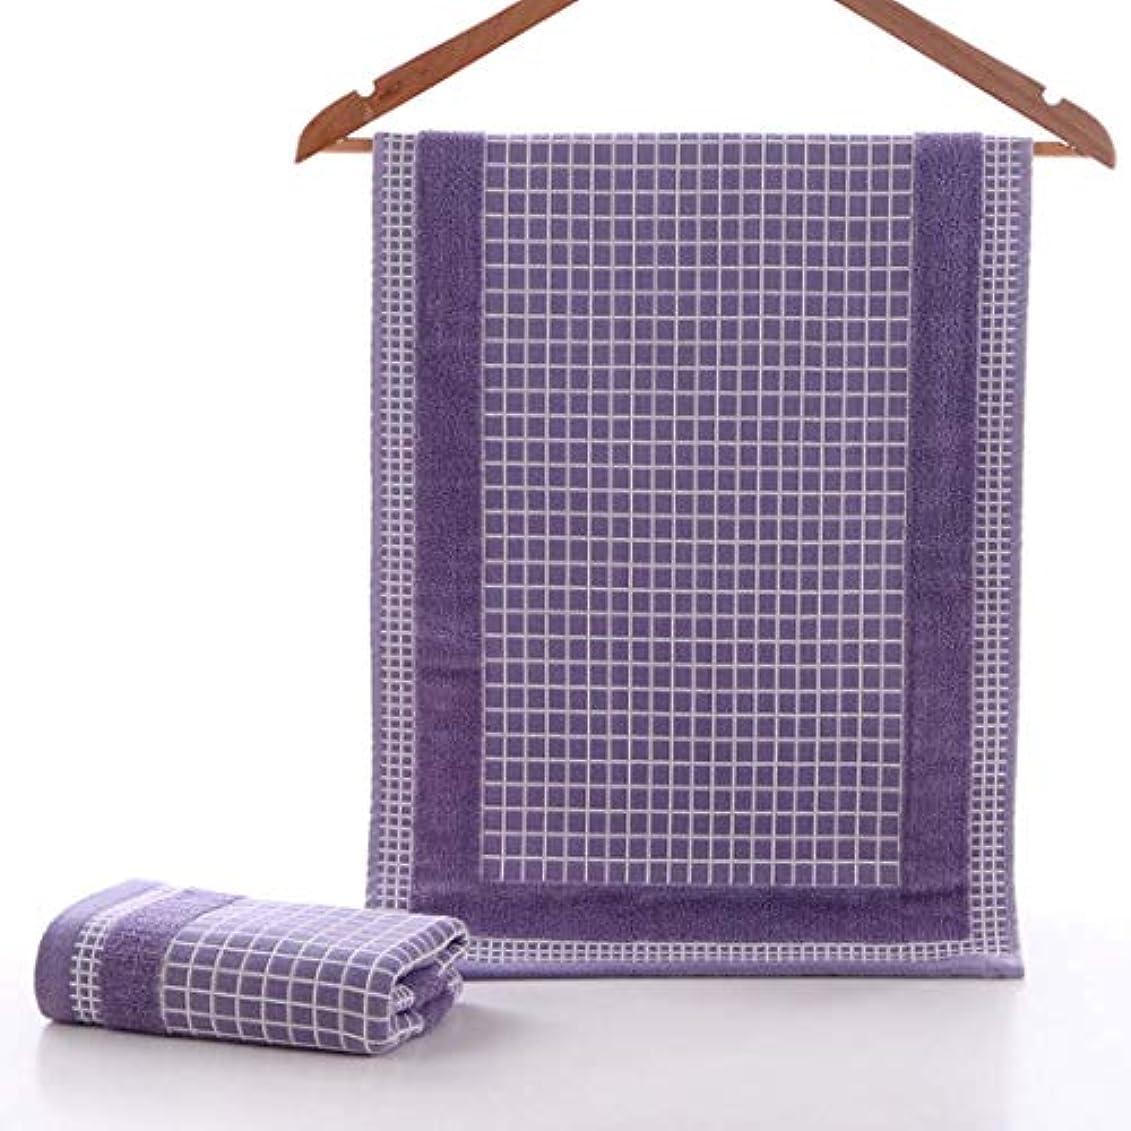 接ぎ木解釈ながらスーパーソフトコットンタオルコットンフェイスタオル吸収性フェイスタオル,Purple,34*75